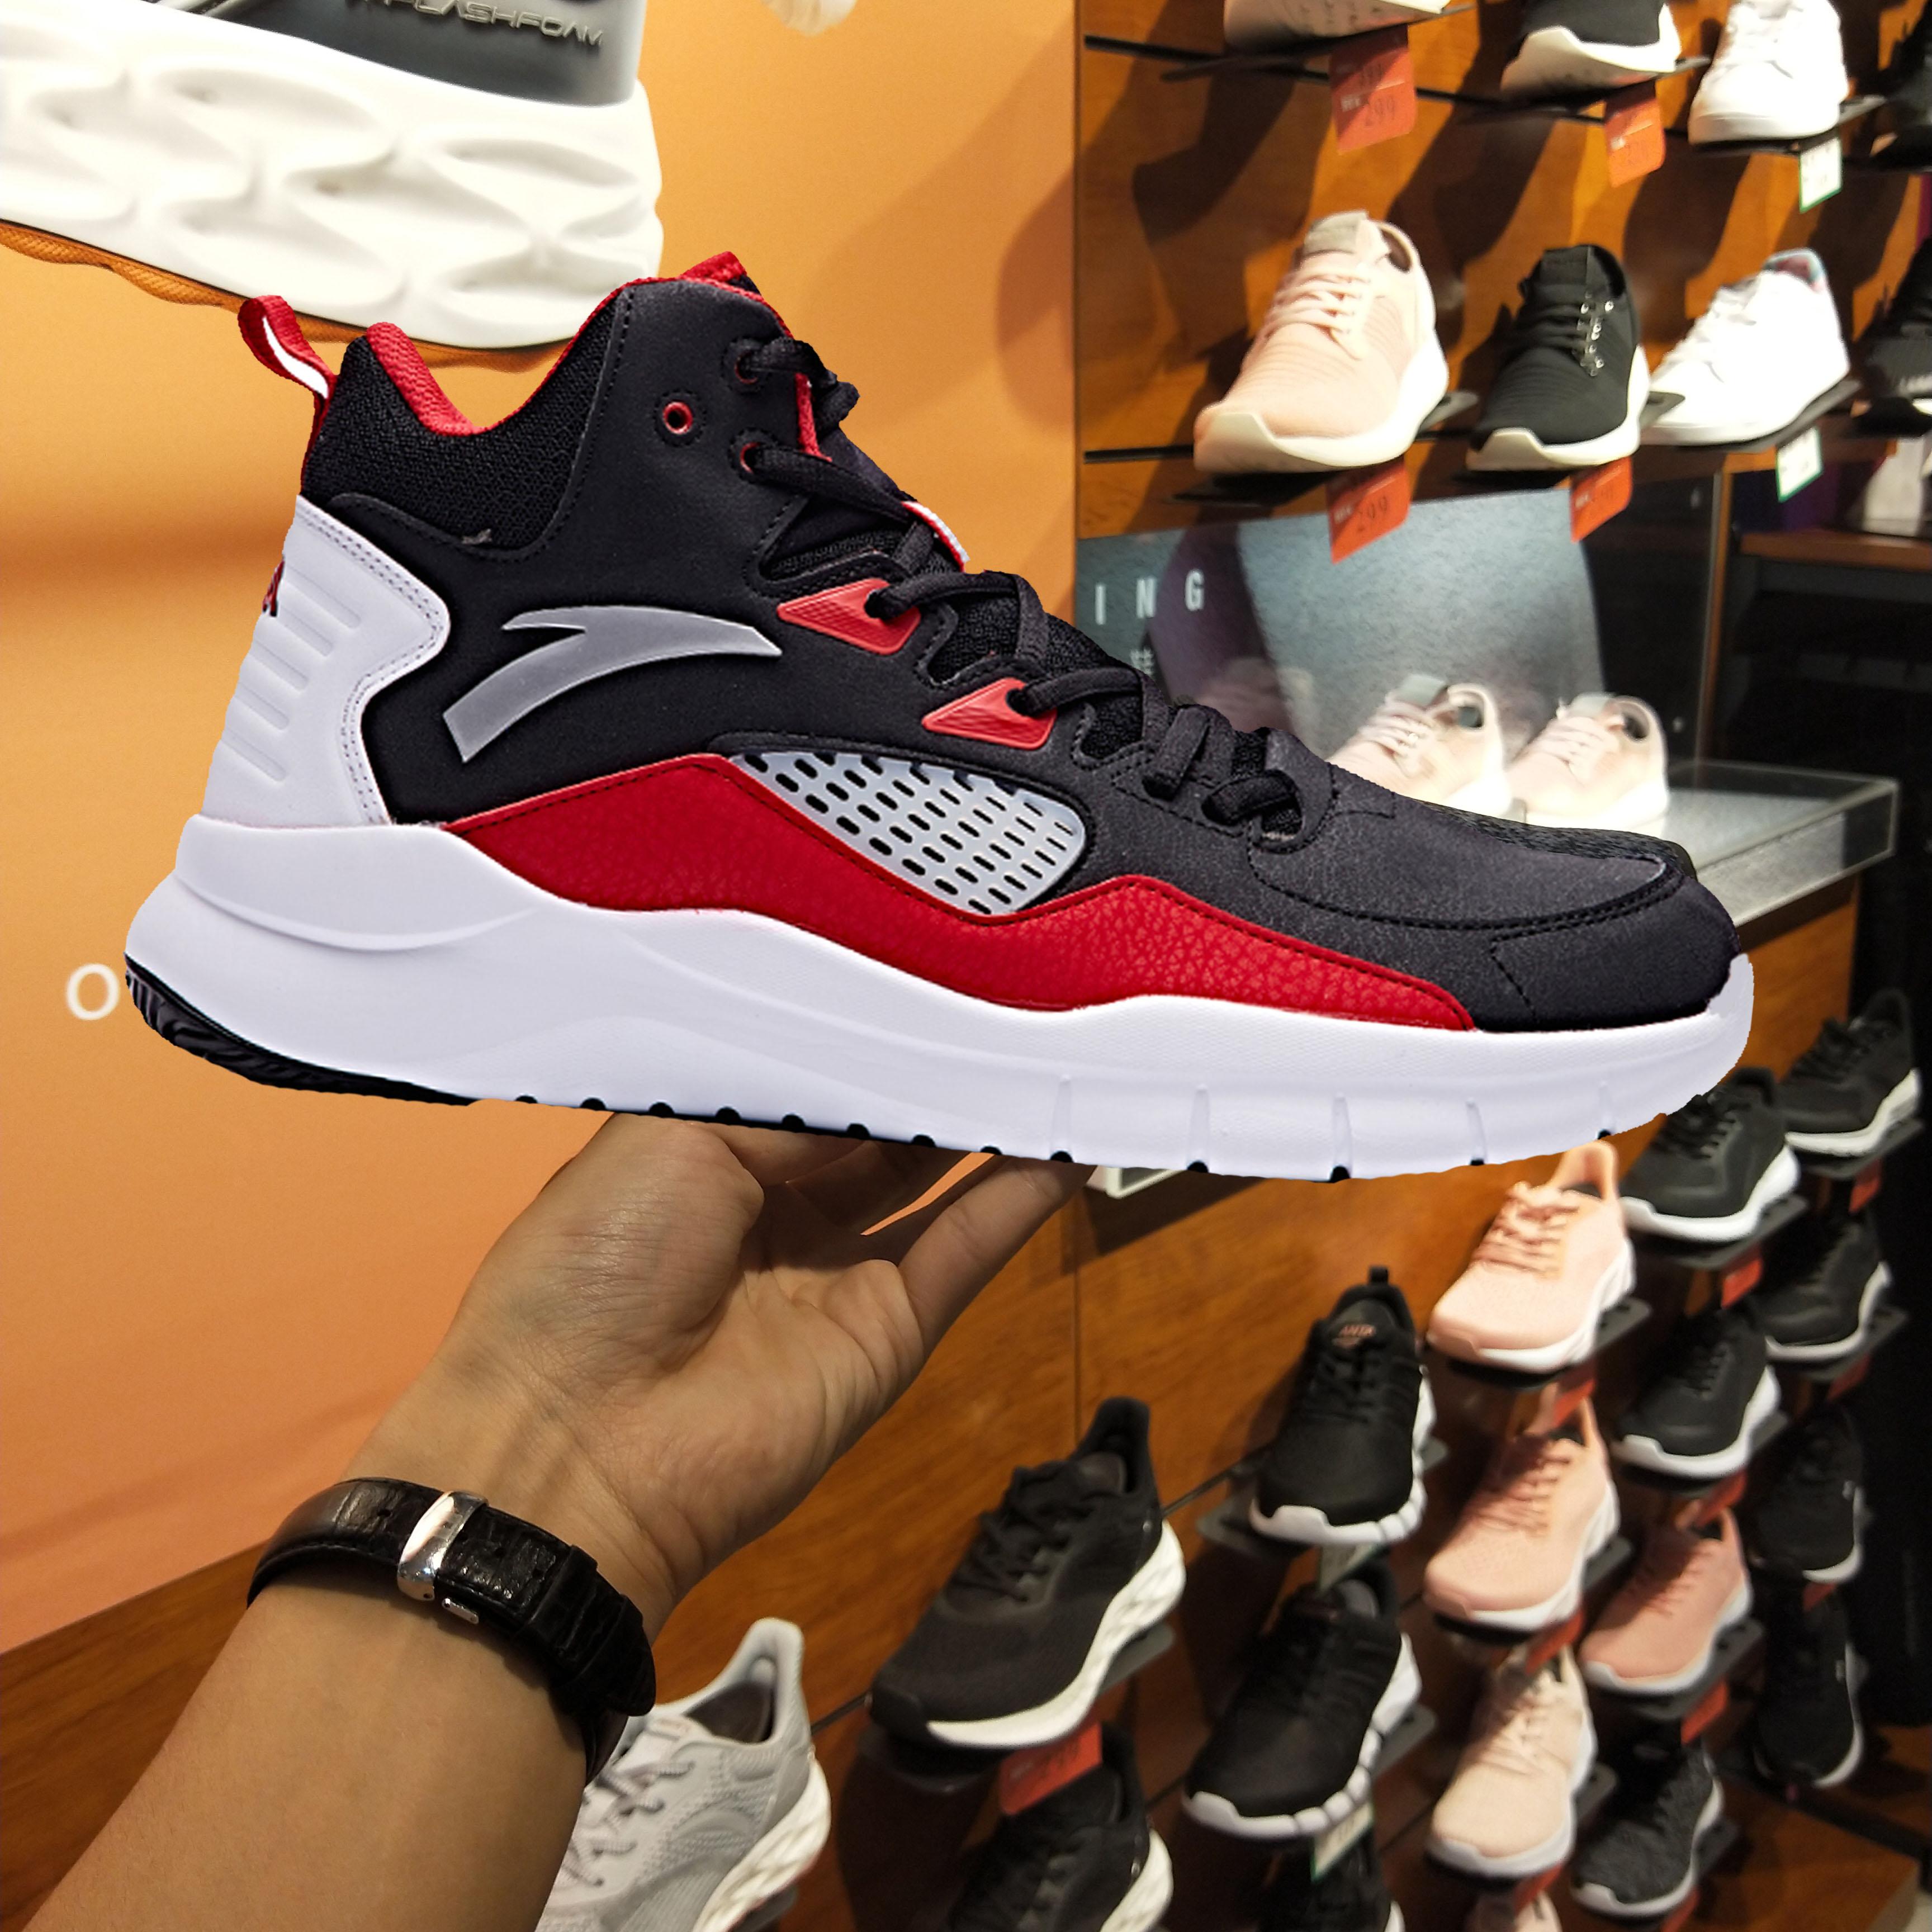 安踏篮球鞋男2018秋季新款正品低帮球鞋男鞋学生防滑耐磨运动战靴